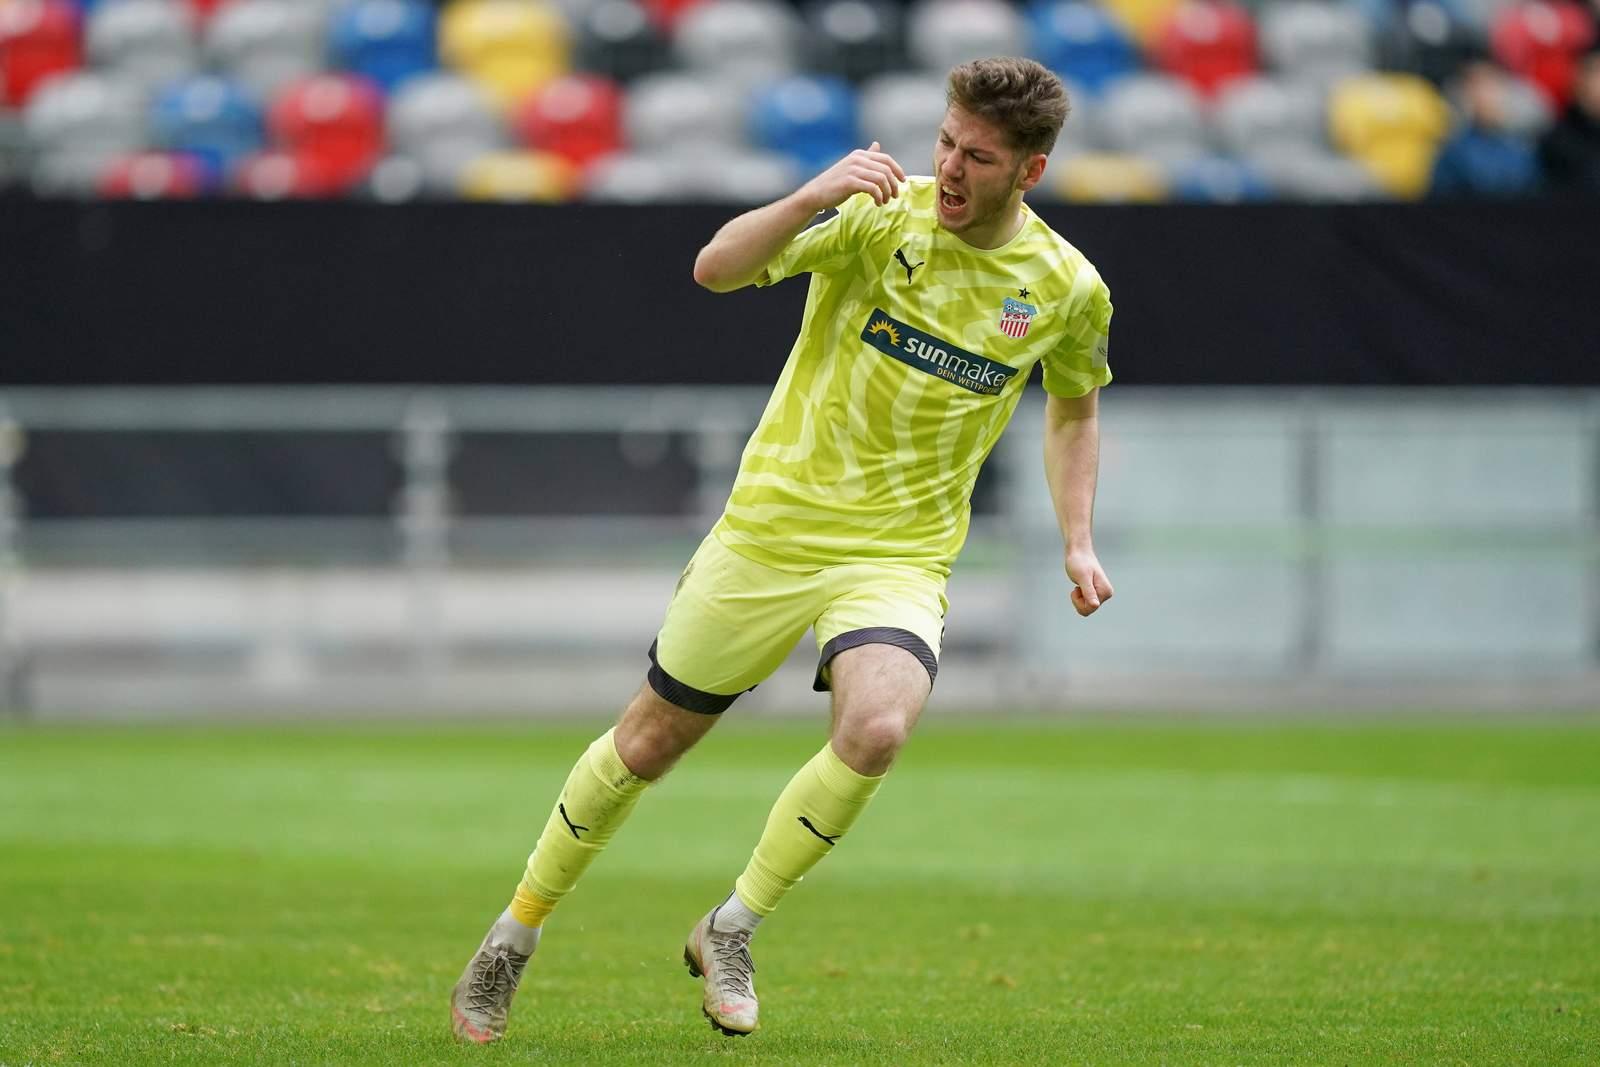 Leon Jensen jubelt nach Tor im Spiel Uerdingen gegen Zwickau